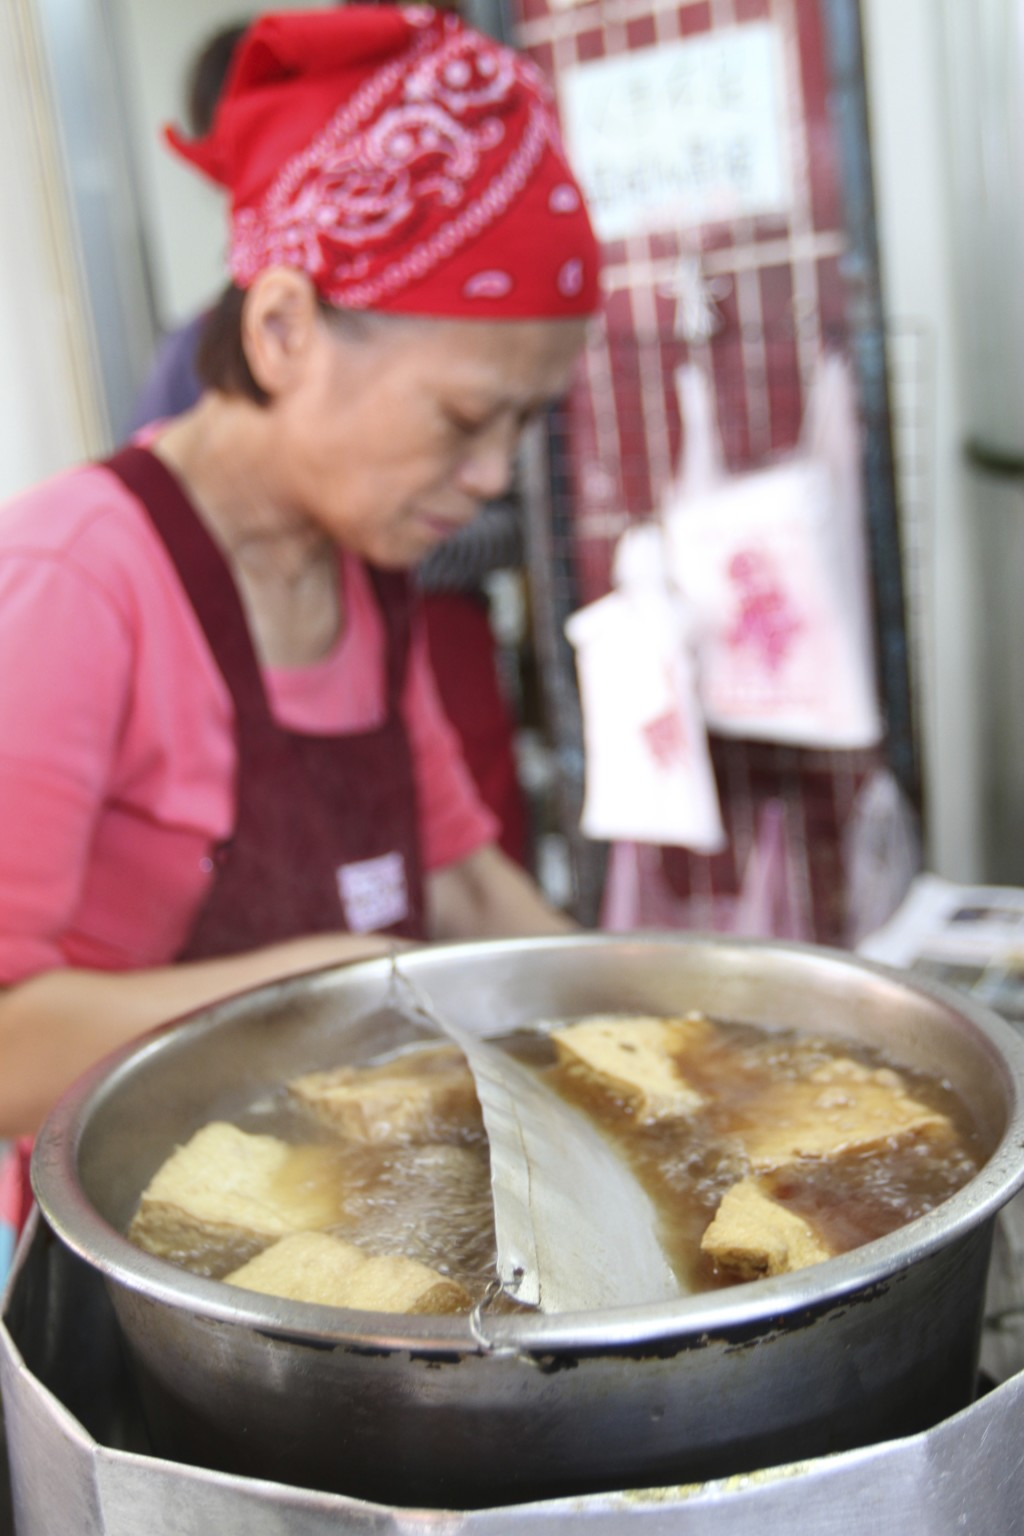 店頭では「揚げ豆腐」のようなものが調理されている